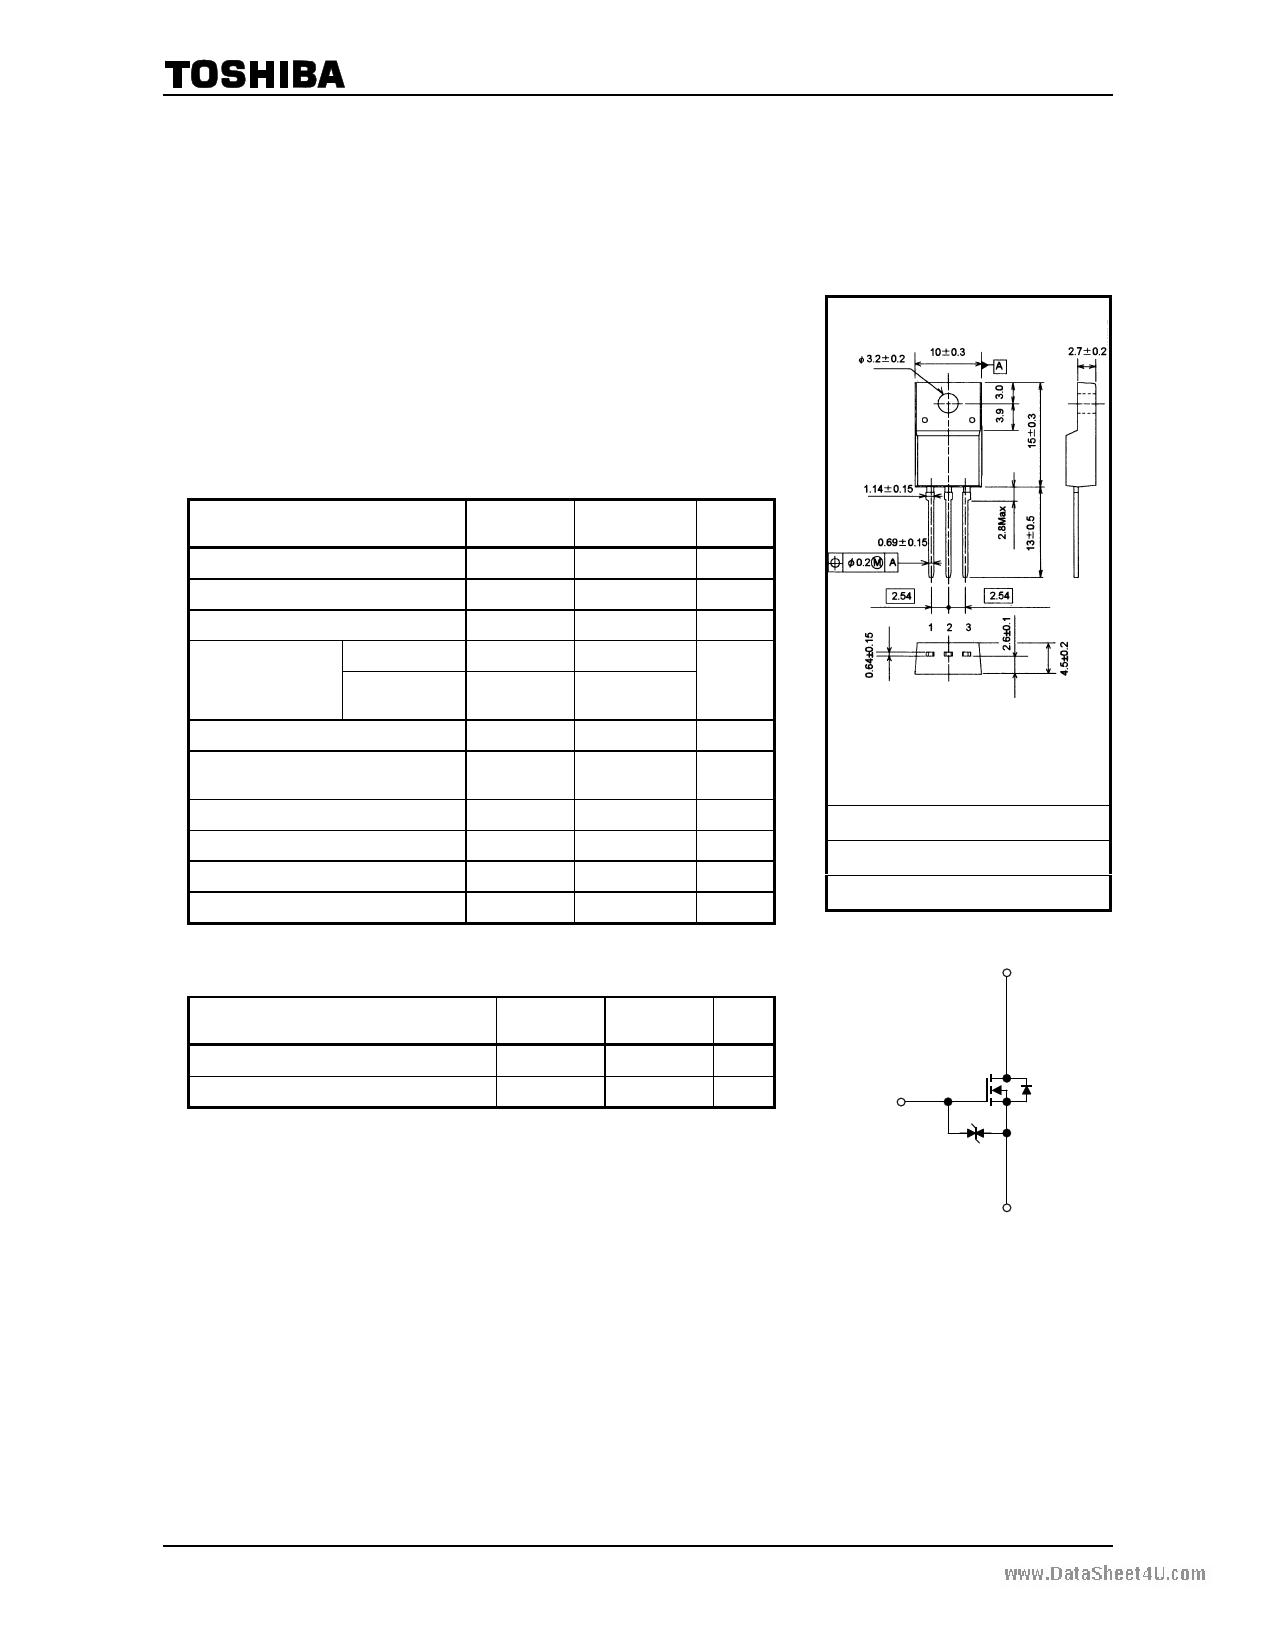 K3566 datasheet image